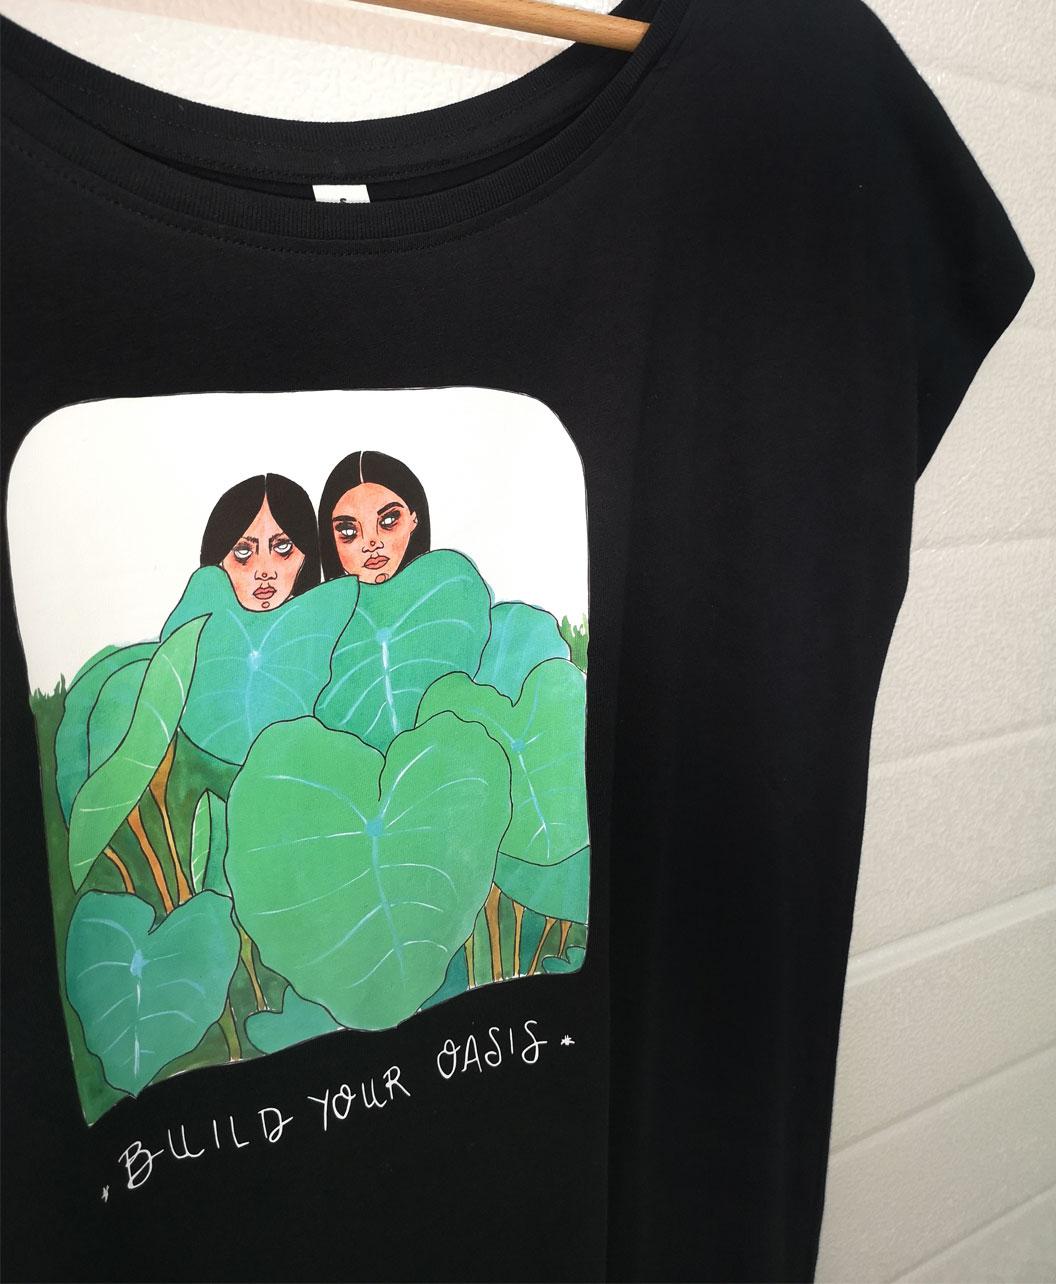 tunica mujer algodon organico negra original femenina estilo alternativo con ilustraciones diferentes y mensaje plantas chicas build your oasis